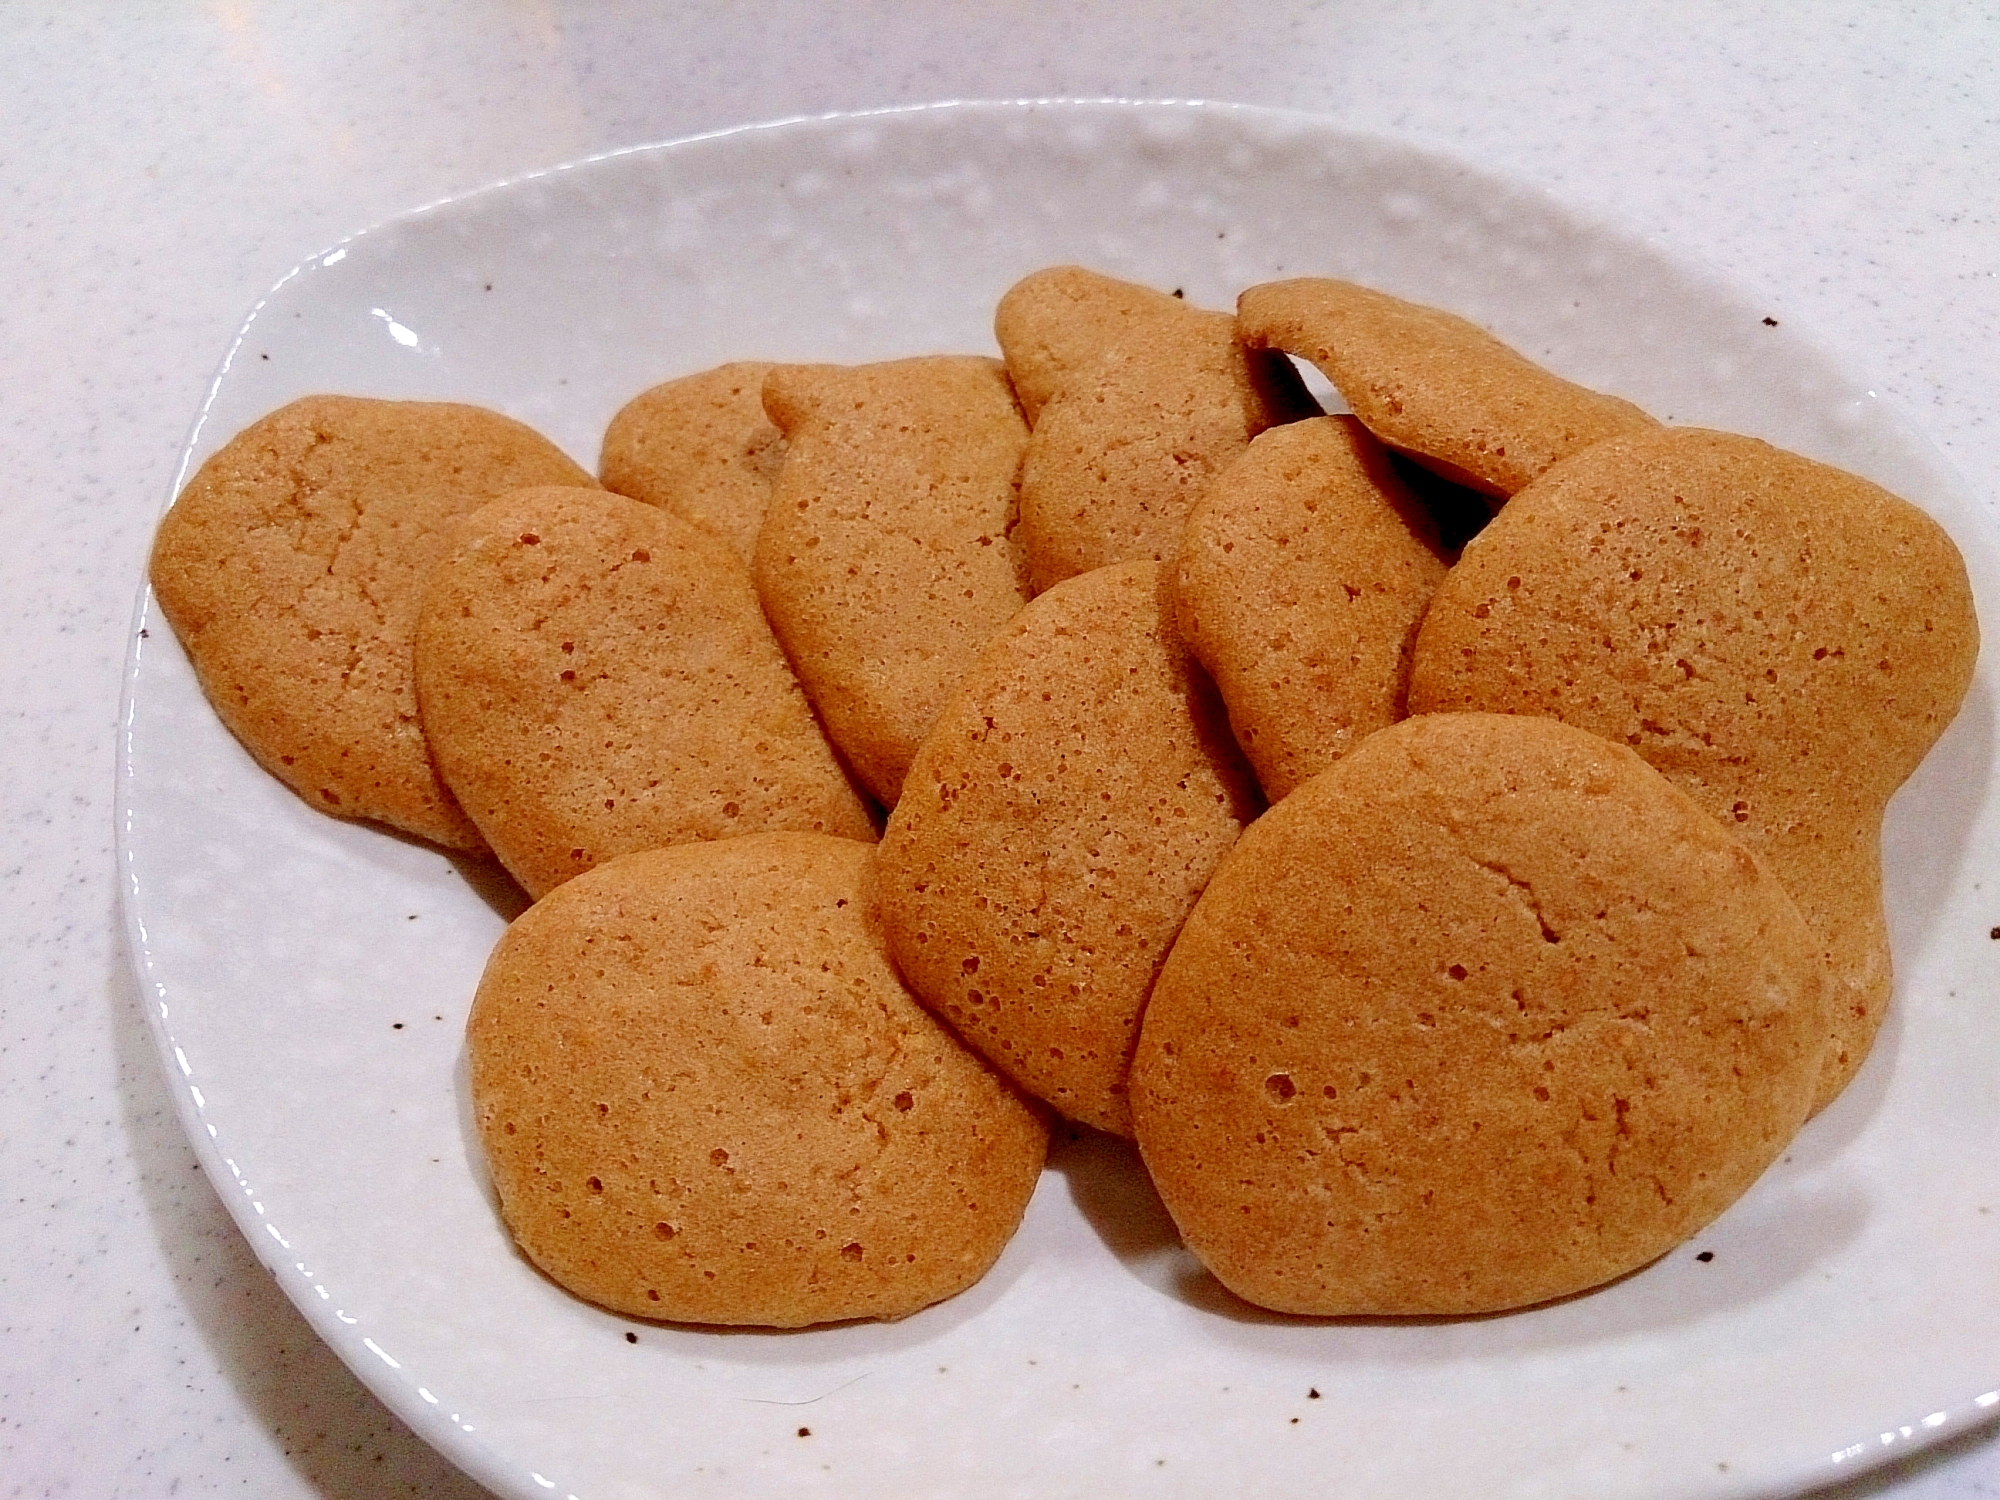 【糖質制限】×低カロ!メレンゲで簡単レモンクッキー